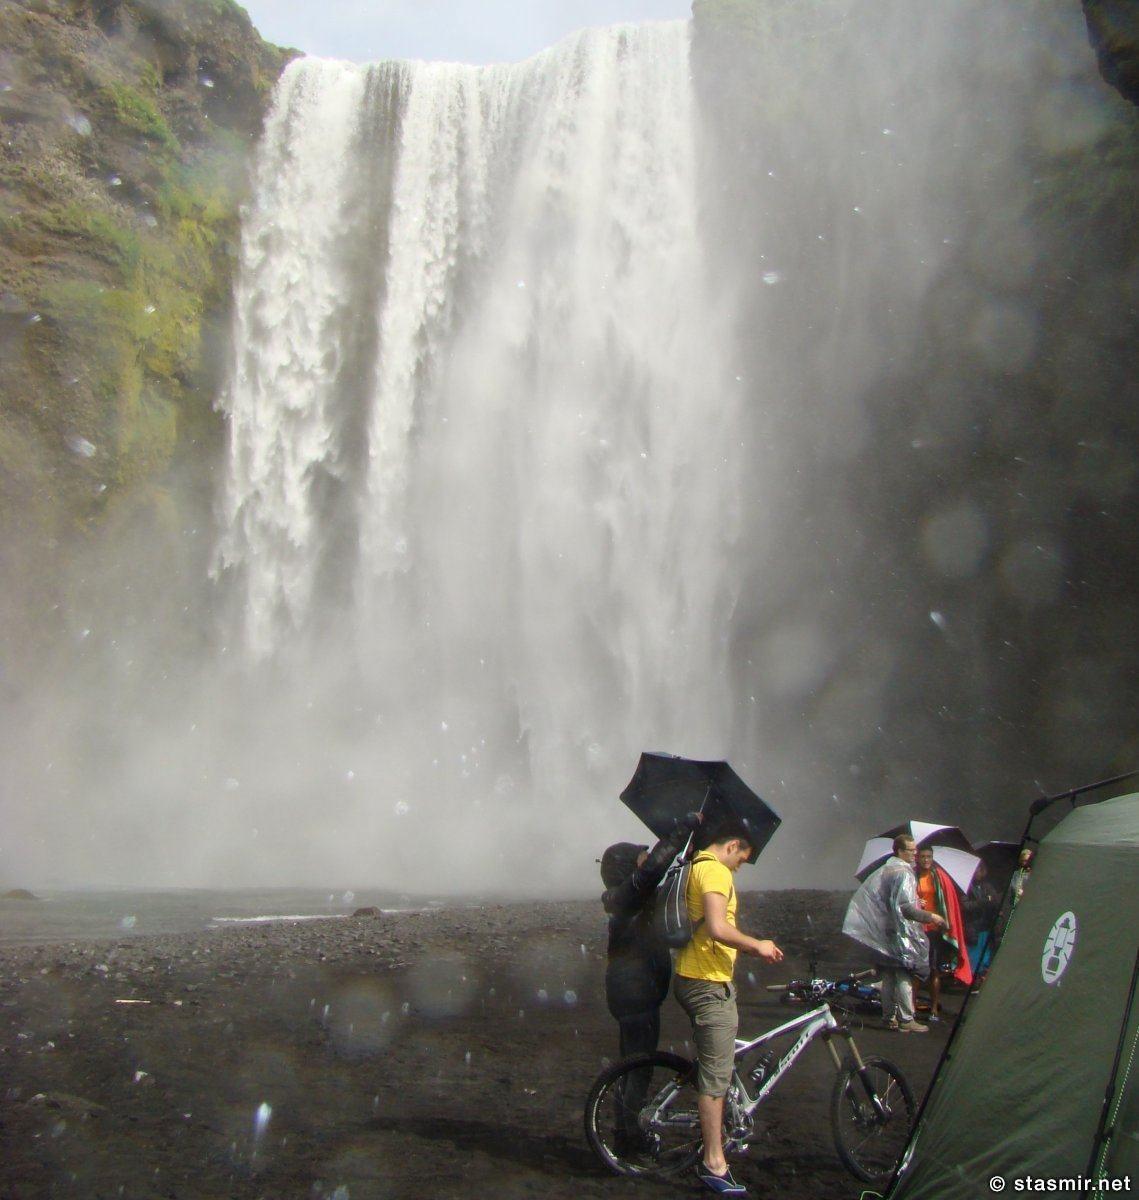 Индийско-болливудские кинематографисты снимают фильм в Исландии, фото Стасмир, photo Stasmir